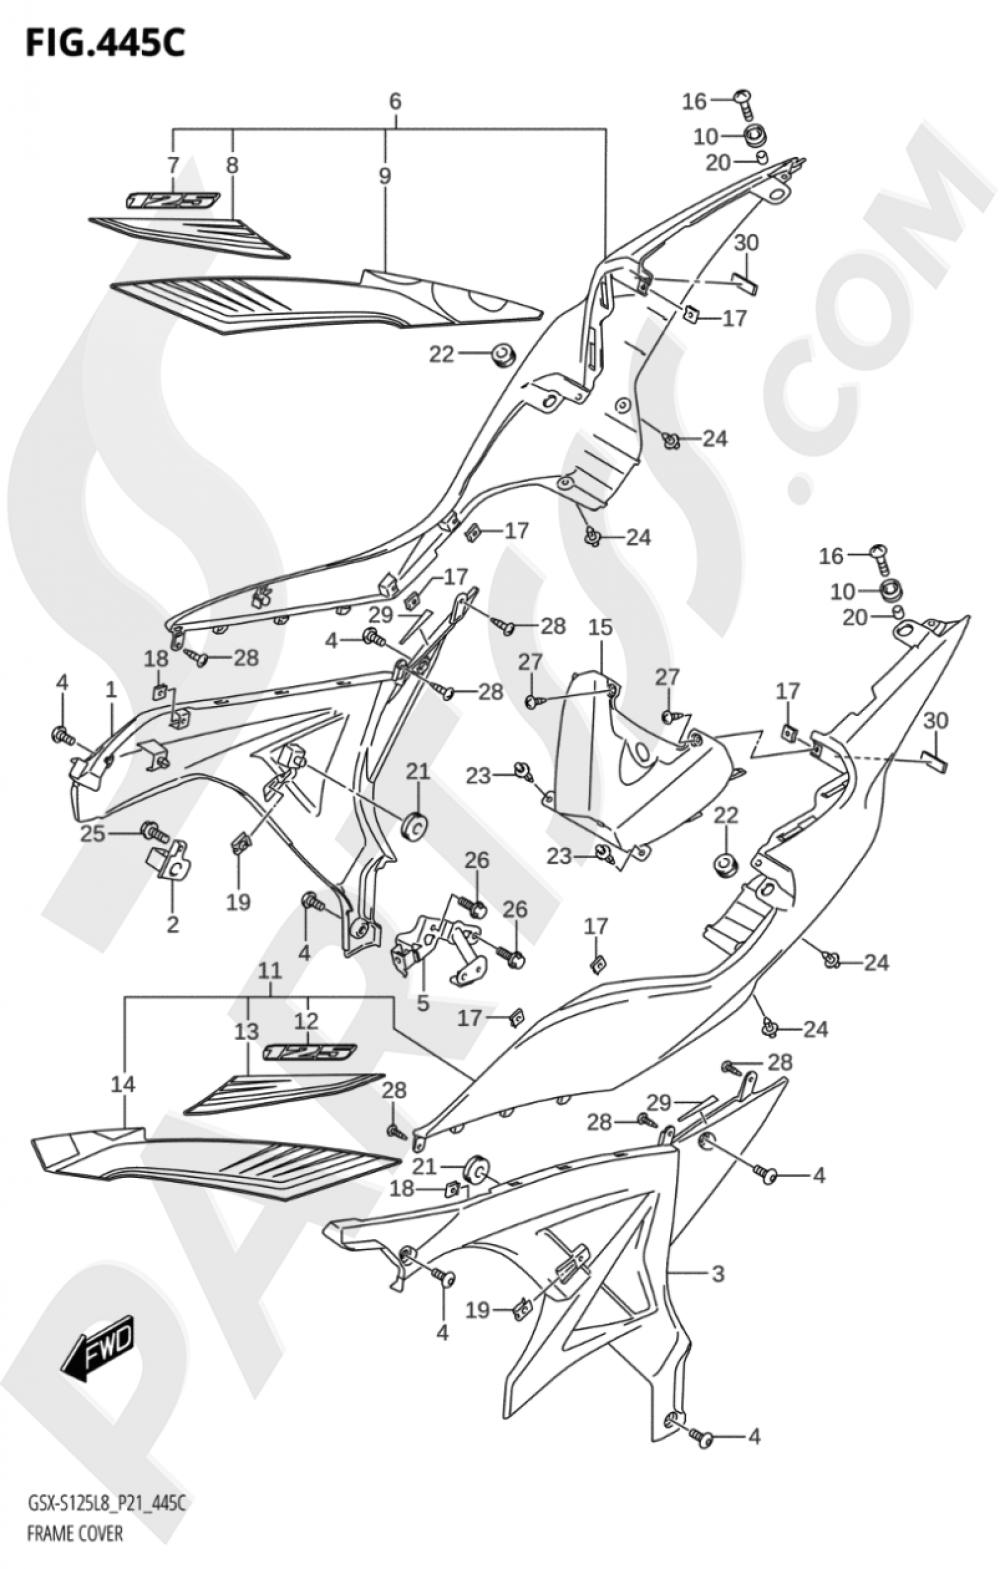 445C - FRAME COVER (GSX-S125MLX:L8:P21) Suzuki GSX-S125ML 2018